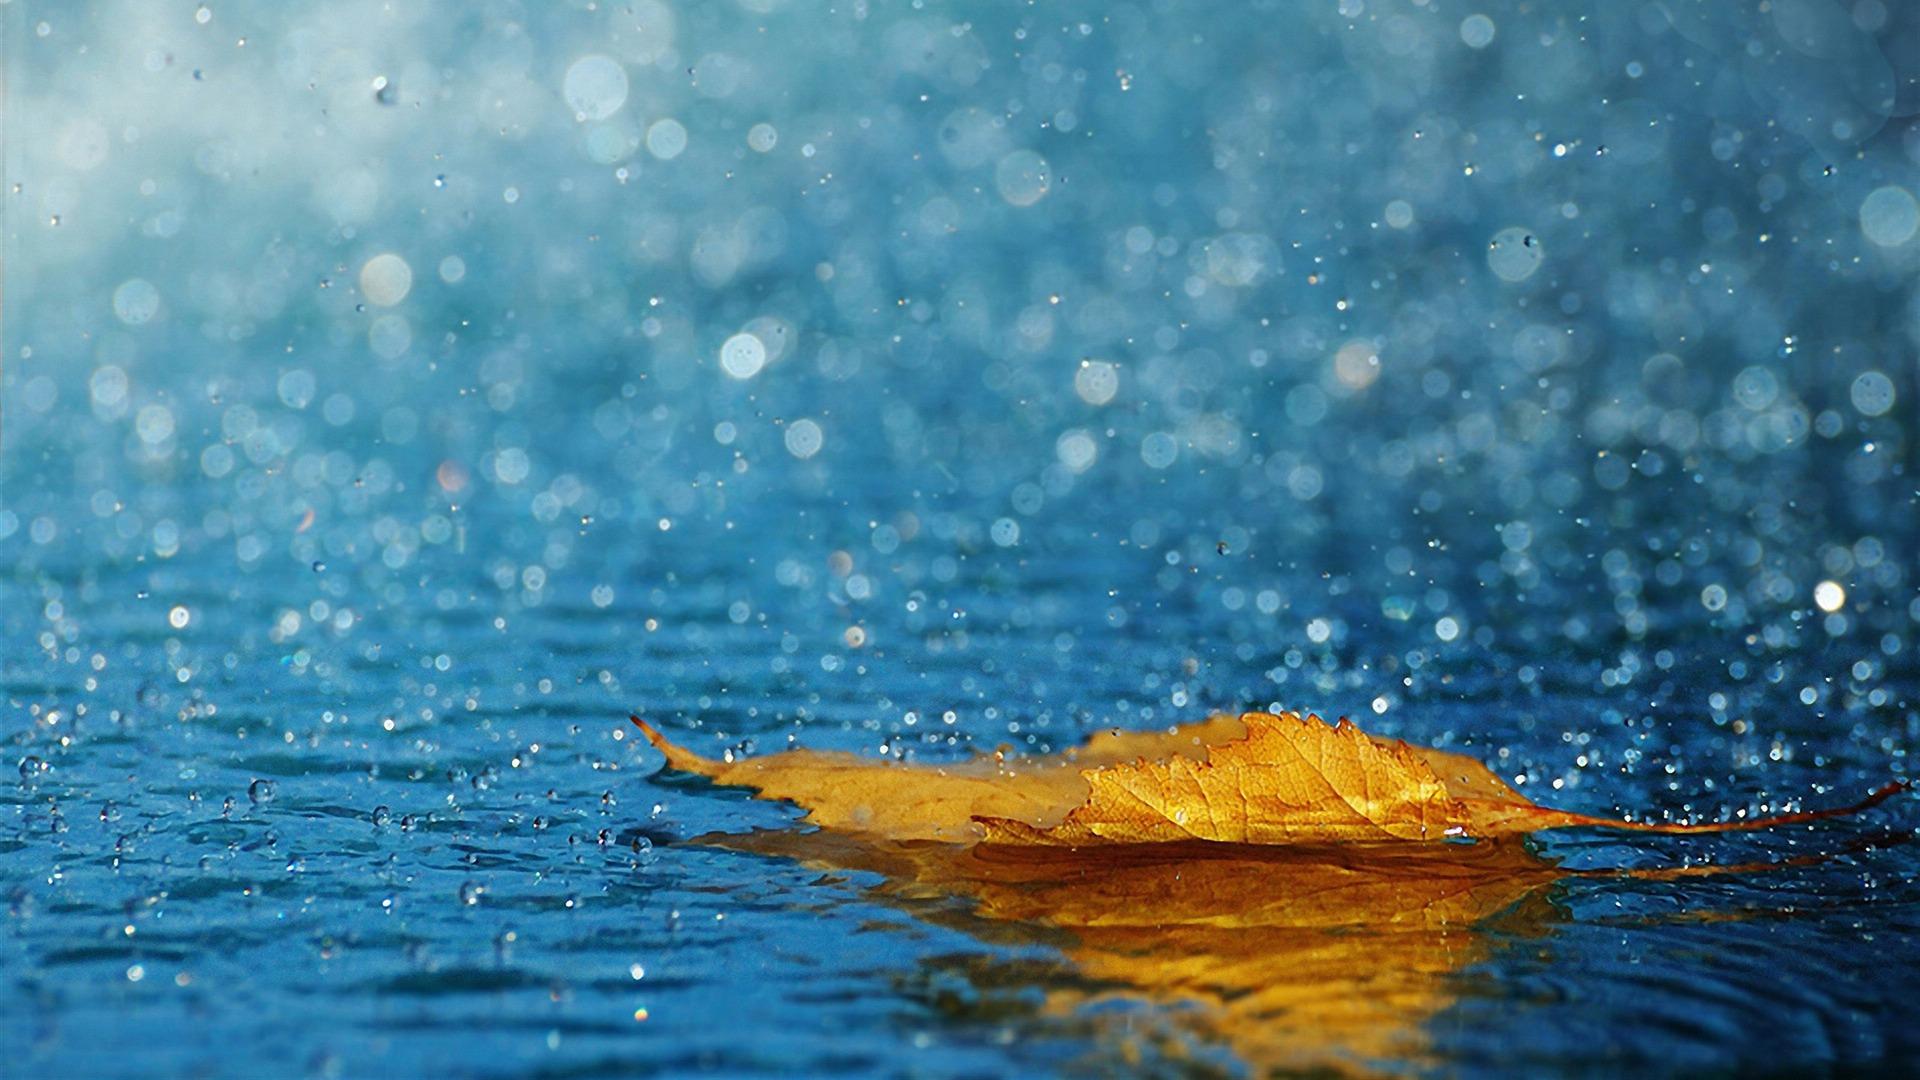 Хэнтийн нутаг, Төв аймгийн зүүн, Дорнодын хойд хэсгээр усархаг бороо орно